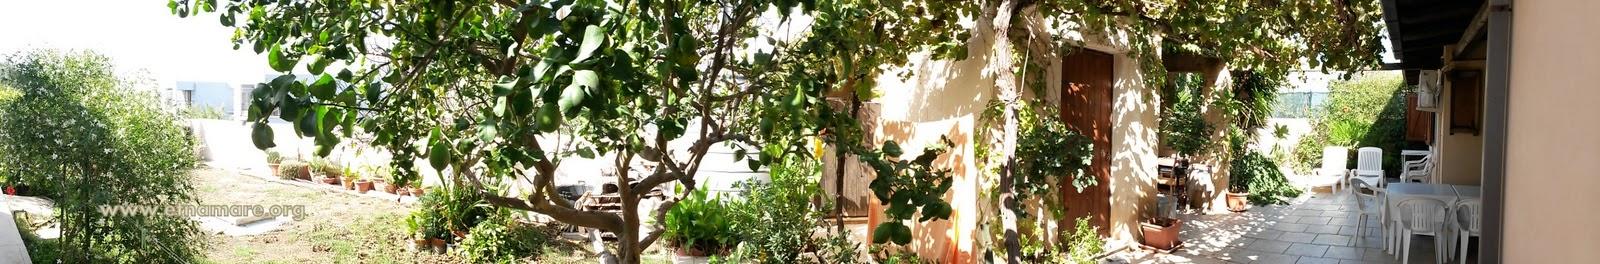 лимонным деревом, небольшим огородом.